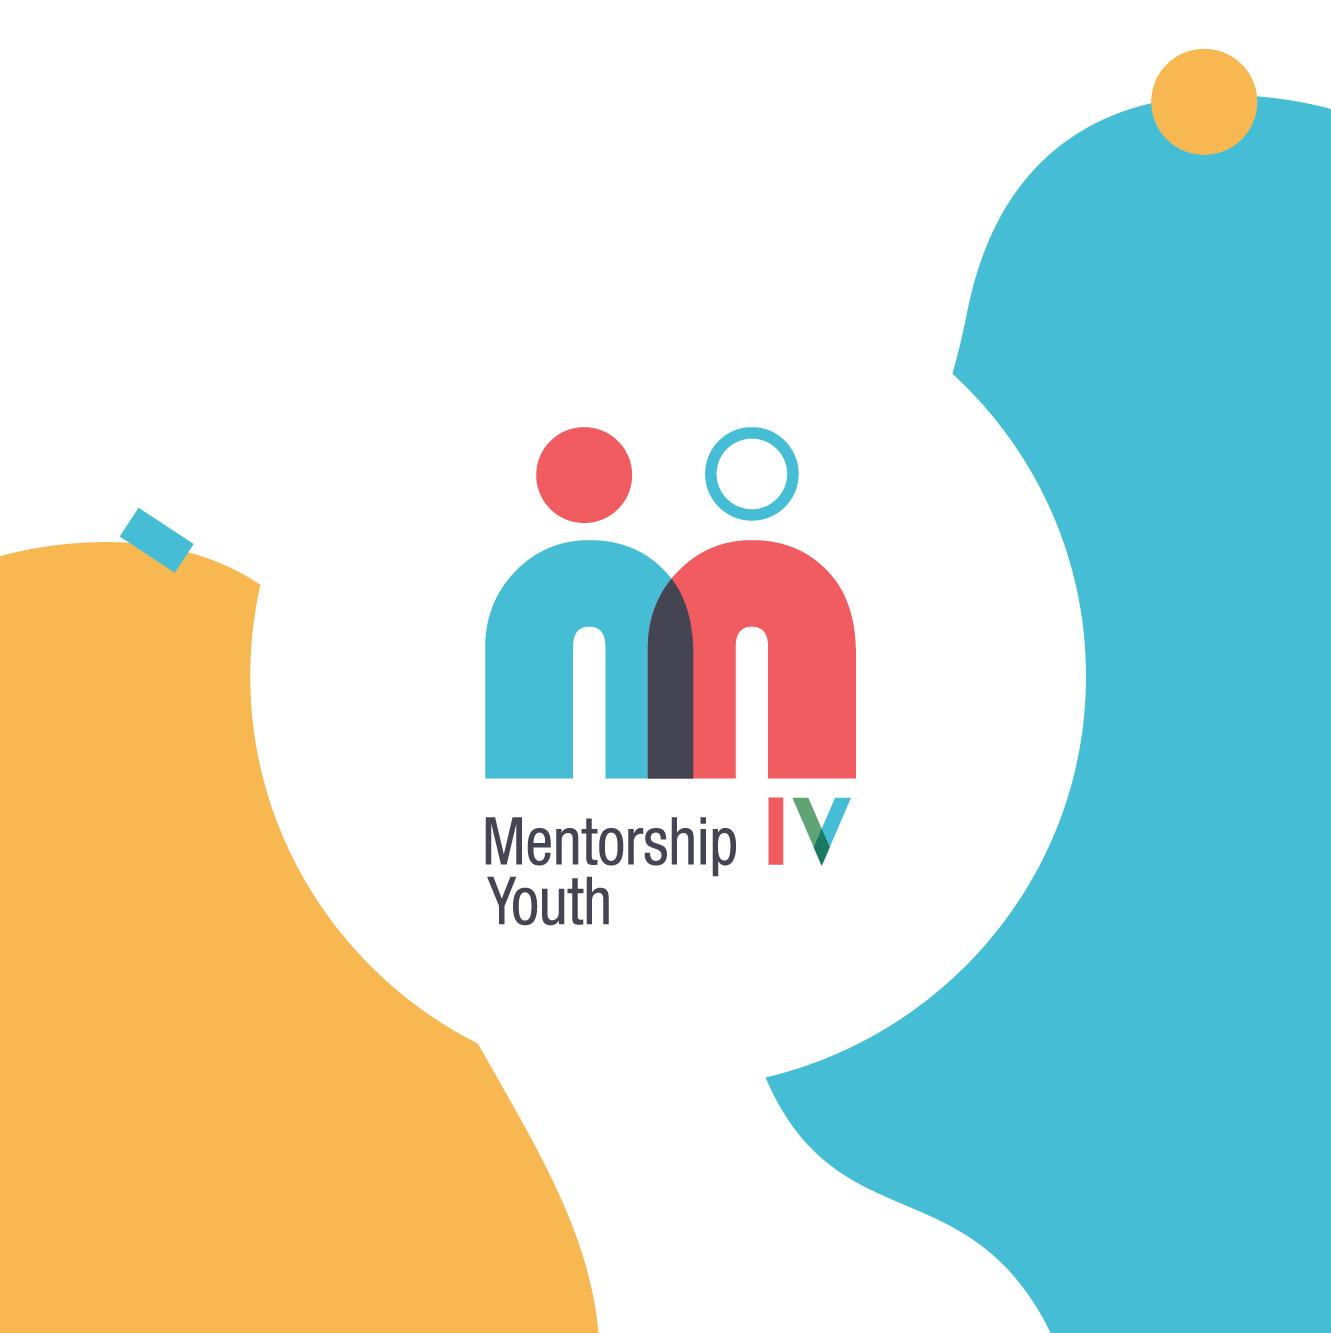 Mentorship4Youth